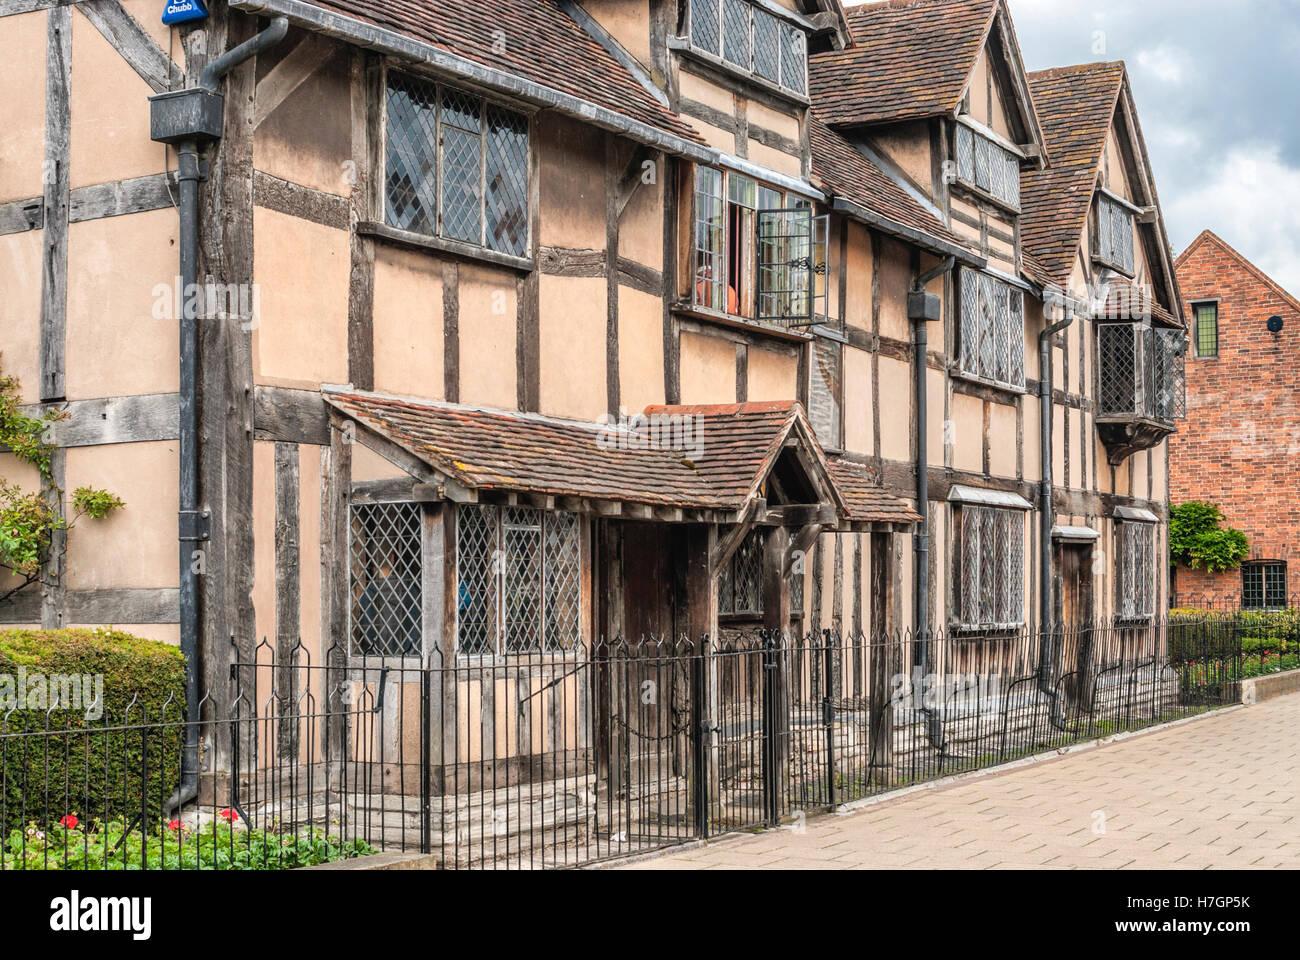 Il luogo di nascita di Shakespeare dove era nato nel 1564 a Stratford upon Avon, Inghilterra Foto Stock